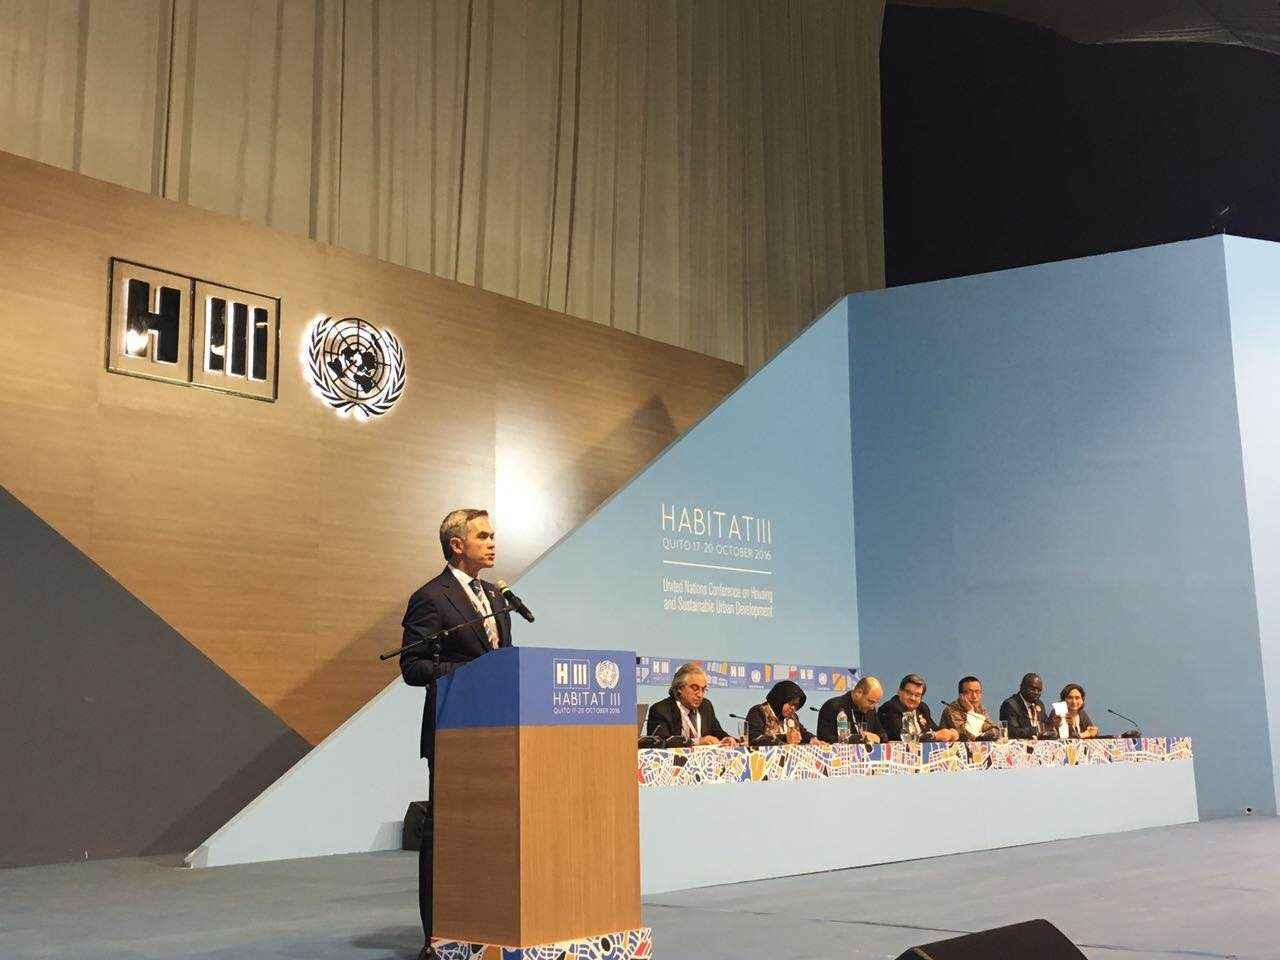 Señalan la importancia de la participación de las ciudades en la ONU